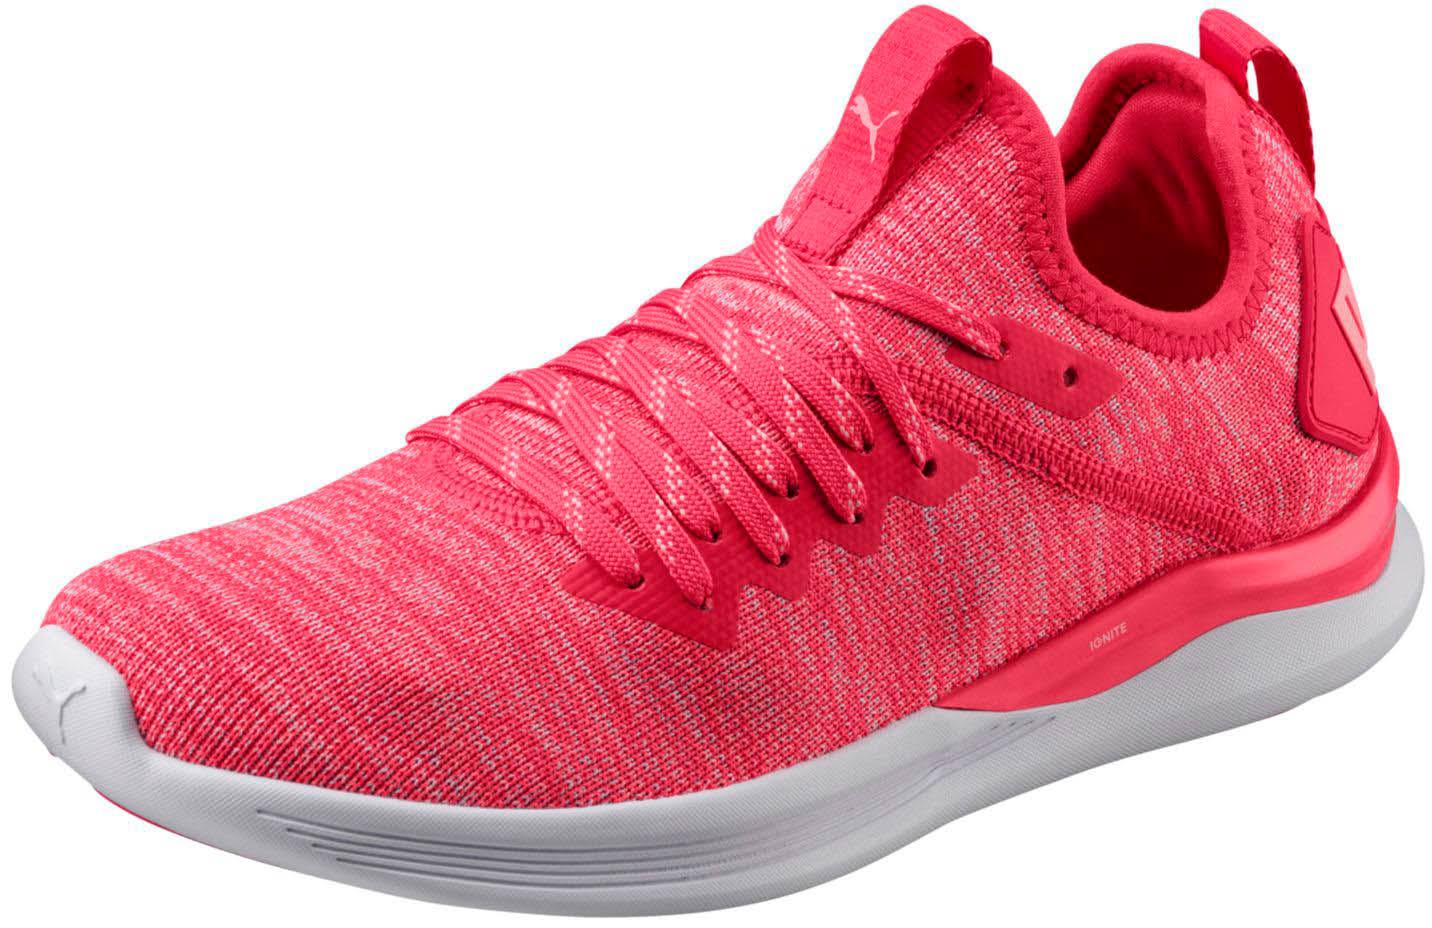 Talla 19051103 De Zapatos Puma Rosa Mujer 9 Ignite Evoknit Flash HqnxTR0